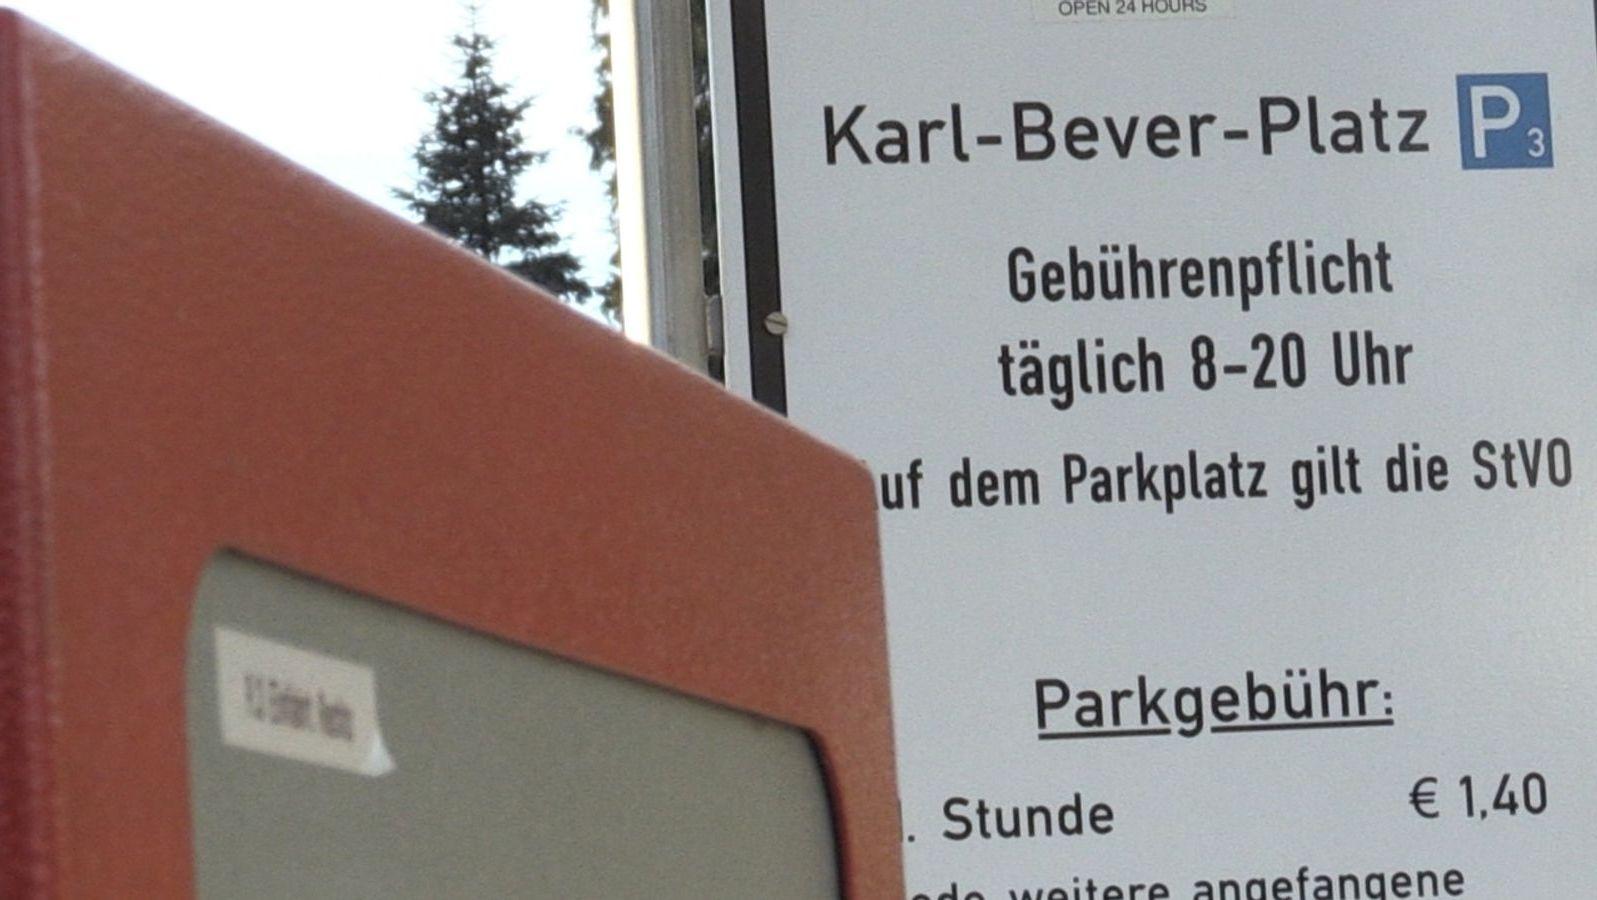 Parkhausschild mit Öffnungszeiten und Preisangaben (Symbolbild)